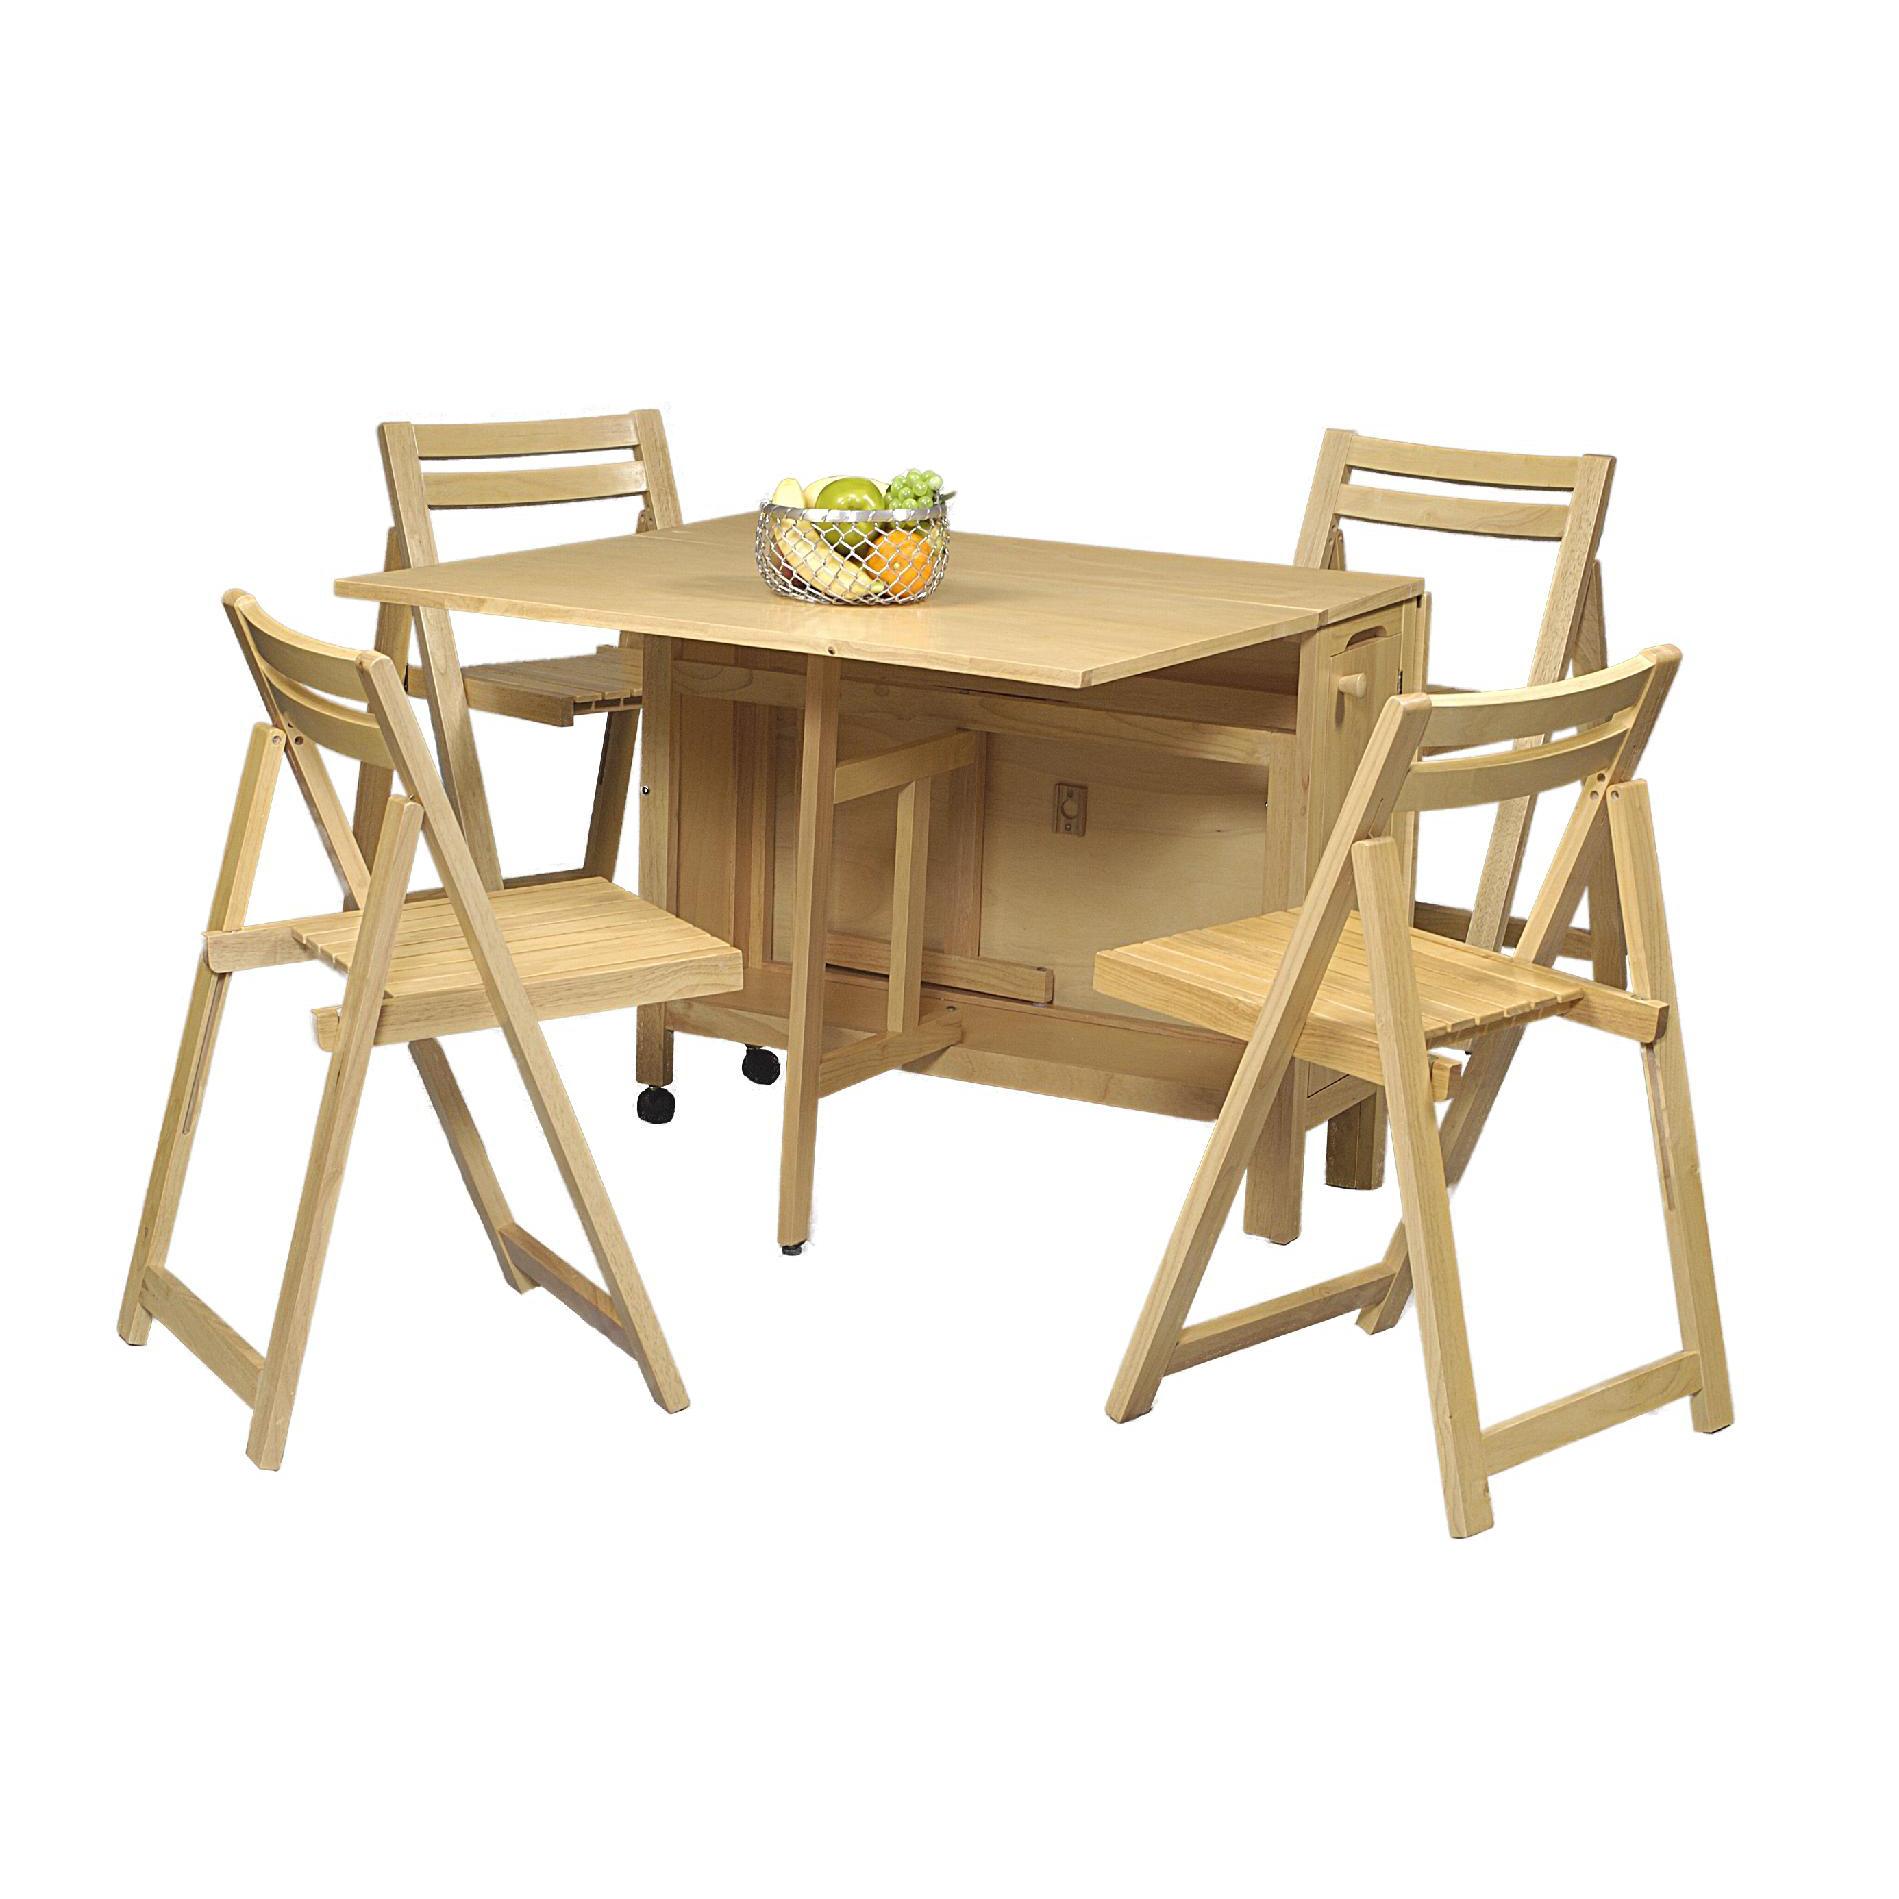 Linon Linon 5 Piece Space Saver Dining Set 2